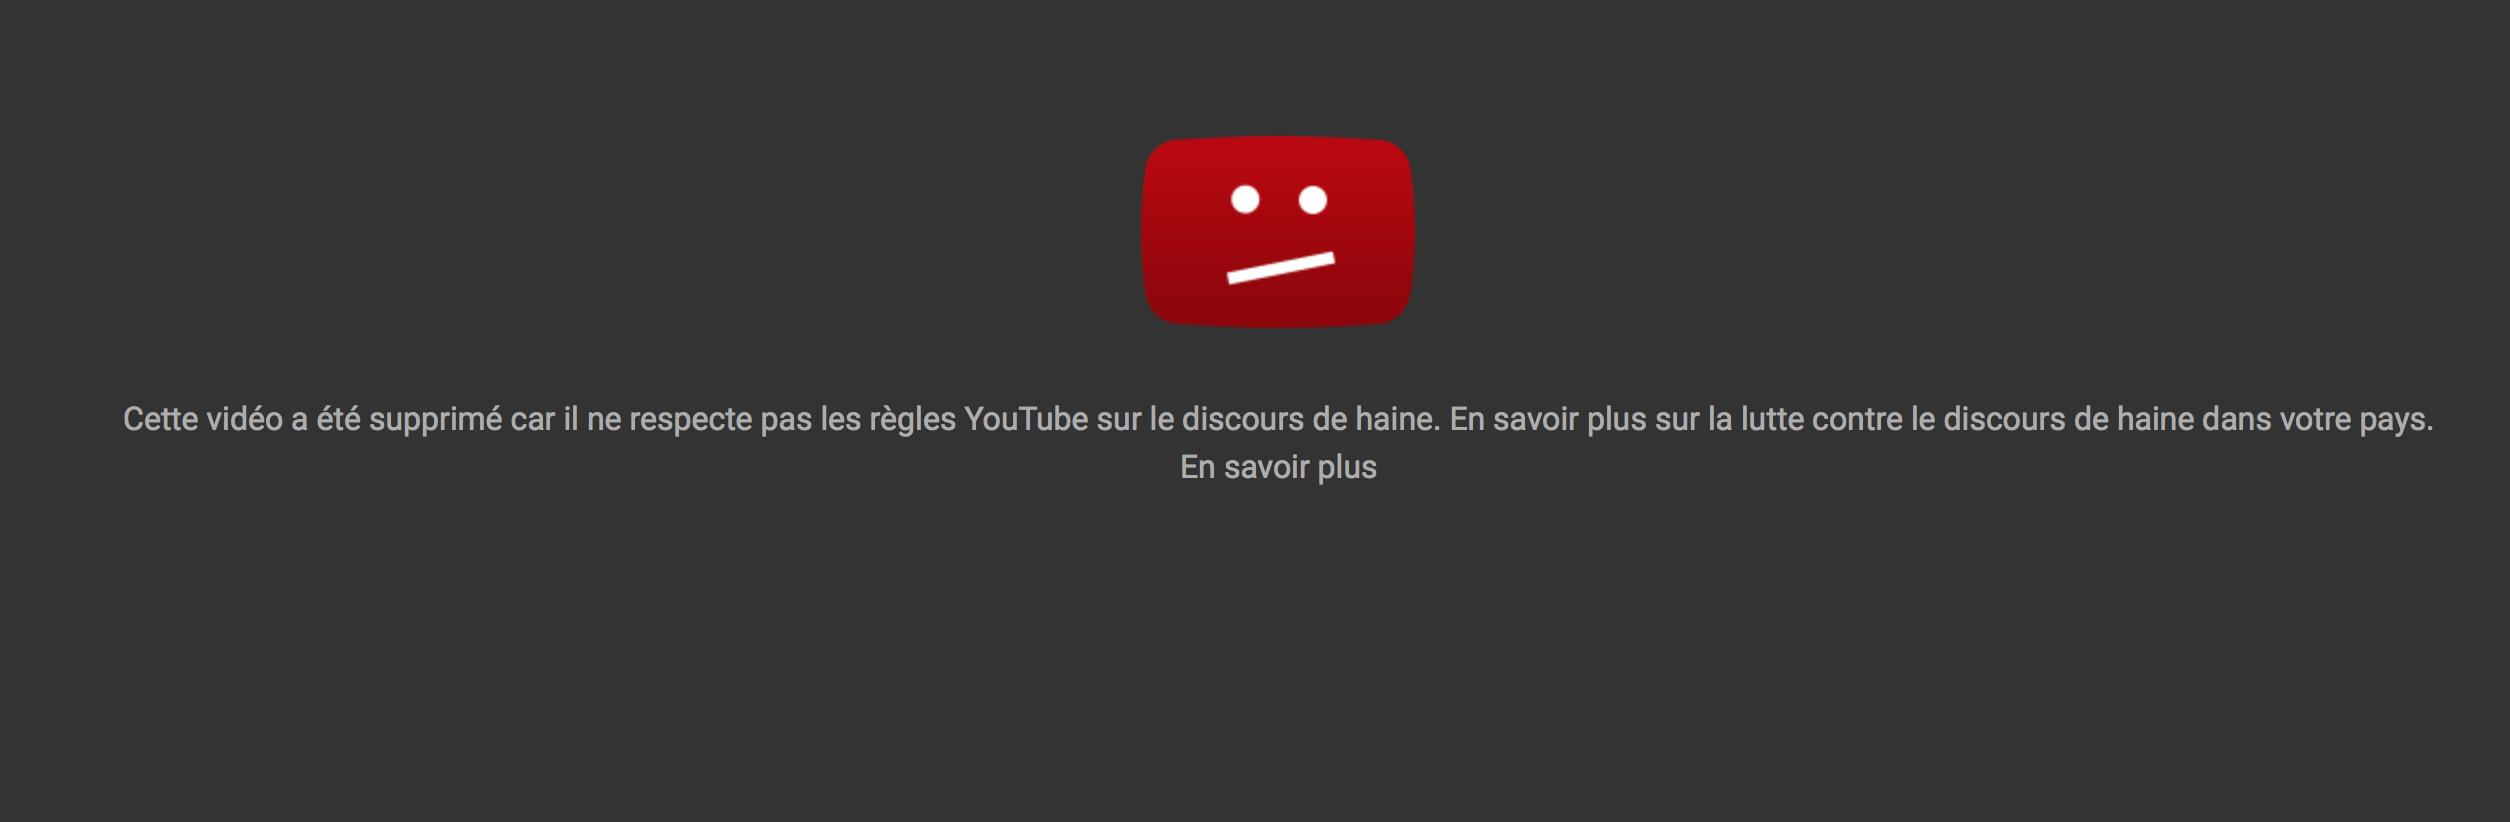 Youtube supprime la video montrant une femme de 73 ans tabassée par un migrant (MAJ : vidéo retrouvée sur un site alternatif).